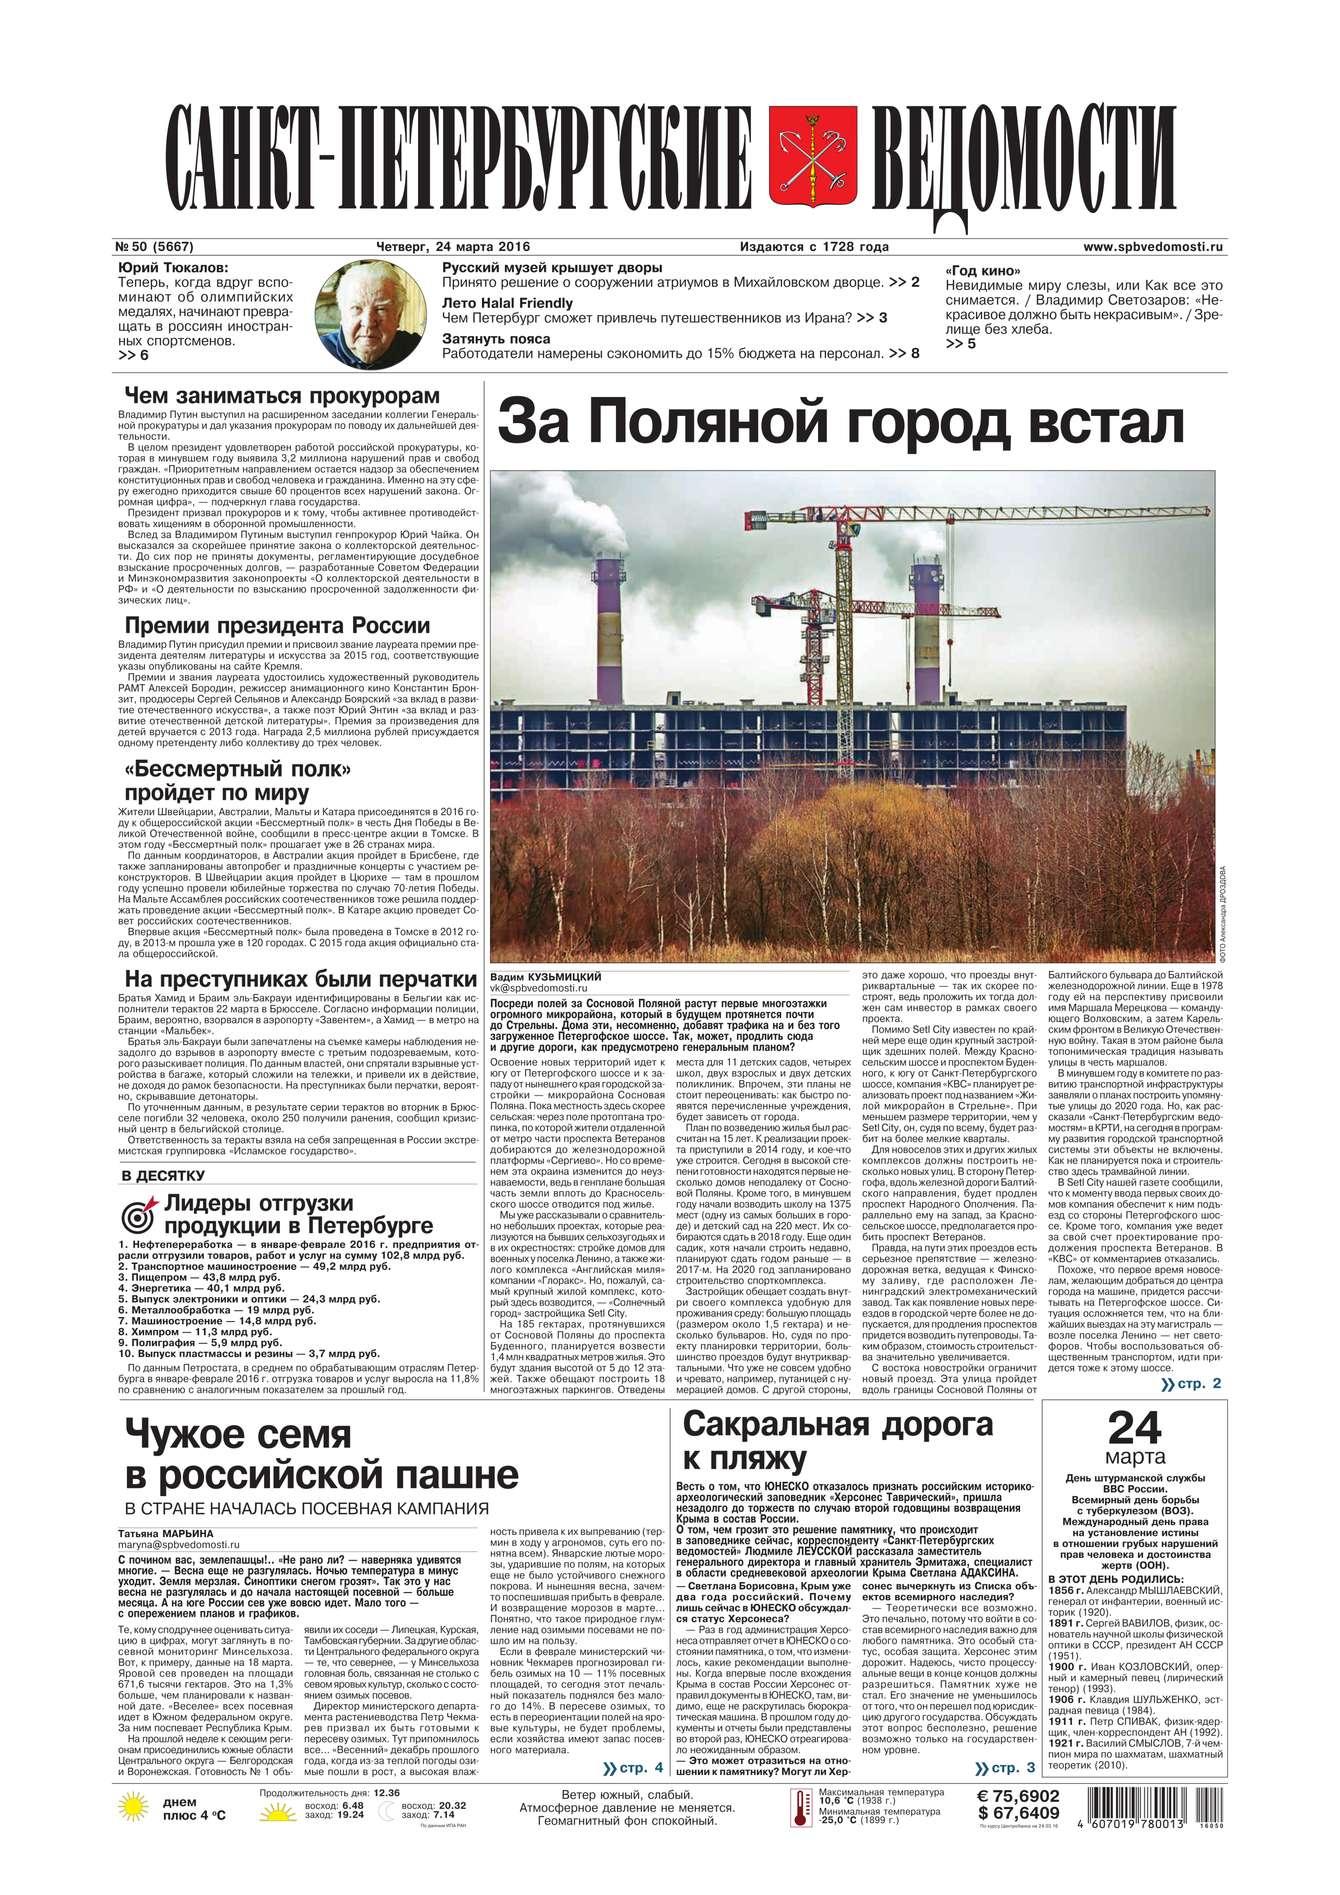 Редакция газеты Санкт-Петербургские ведомости Санкт-Петербургские ведомости 50-2016